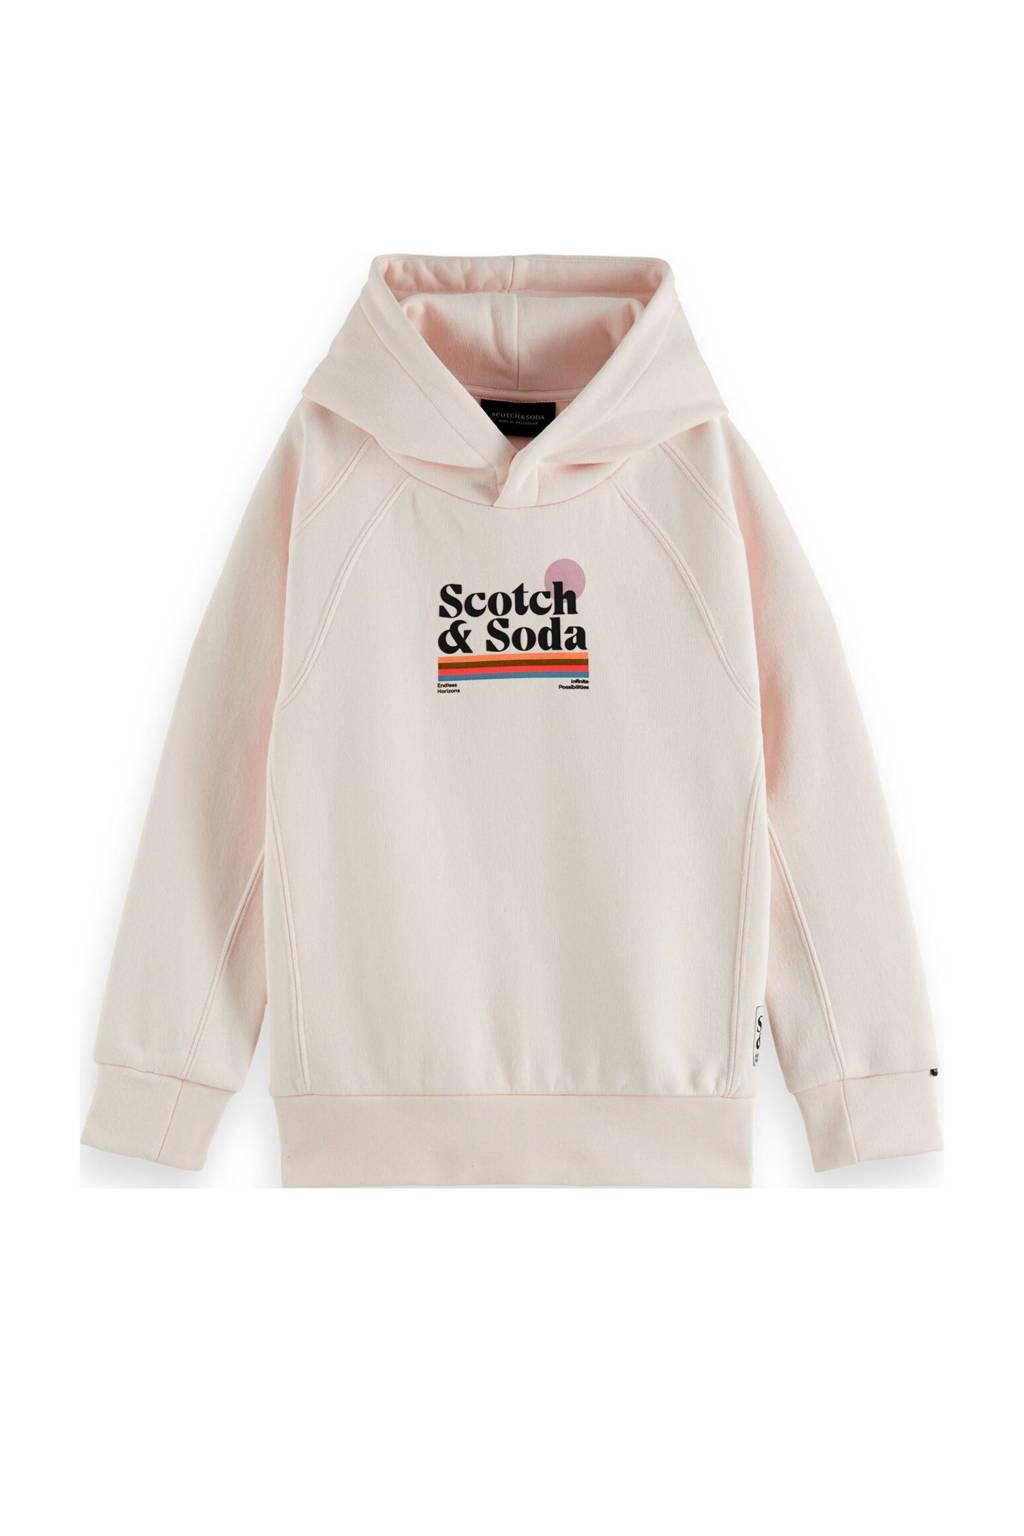 Scotch & Soda hoodie met logo ecru/zwart, Ecru/zwart